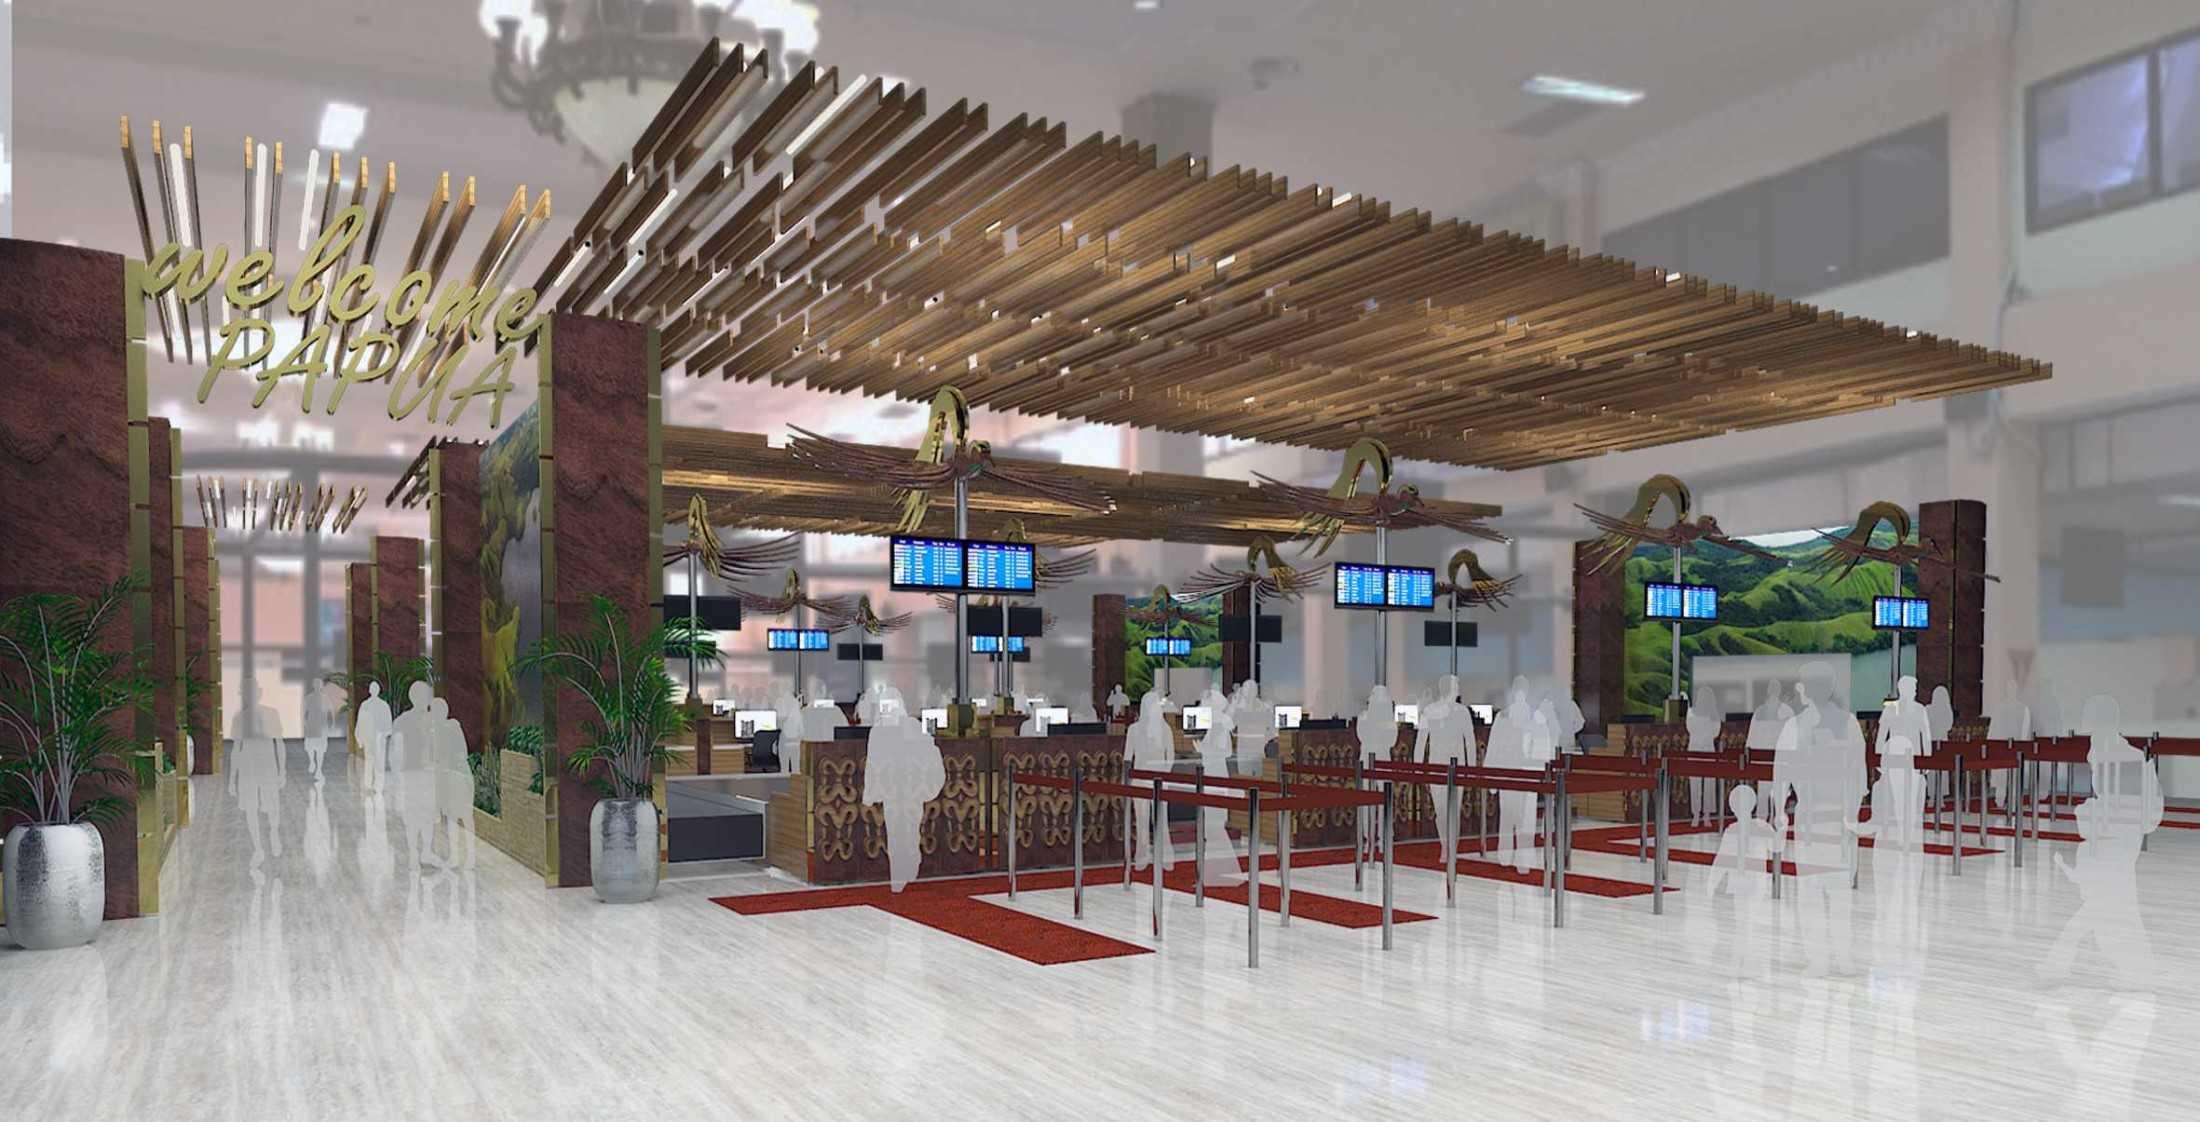 Ahas (Agung & Hasudungan) Bandara Sentani Papua Bar., Indonesia Papua Bar., Indonesia Ahas-Agung-Hasudungan-Bandara-Sentani  60780